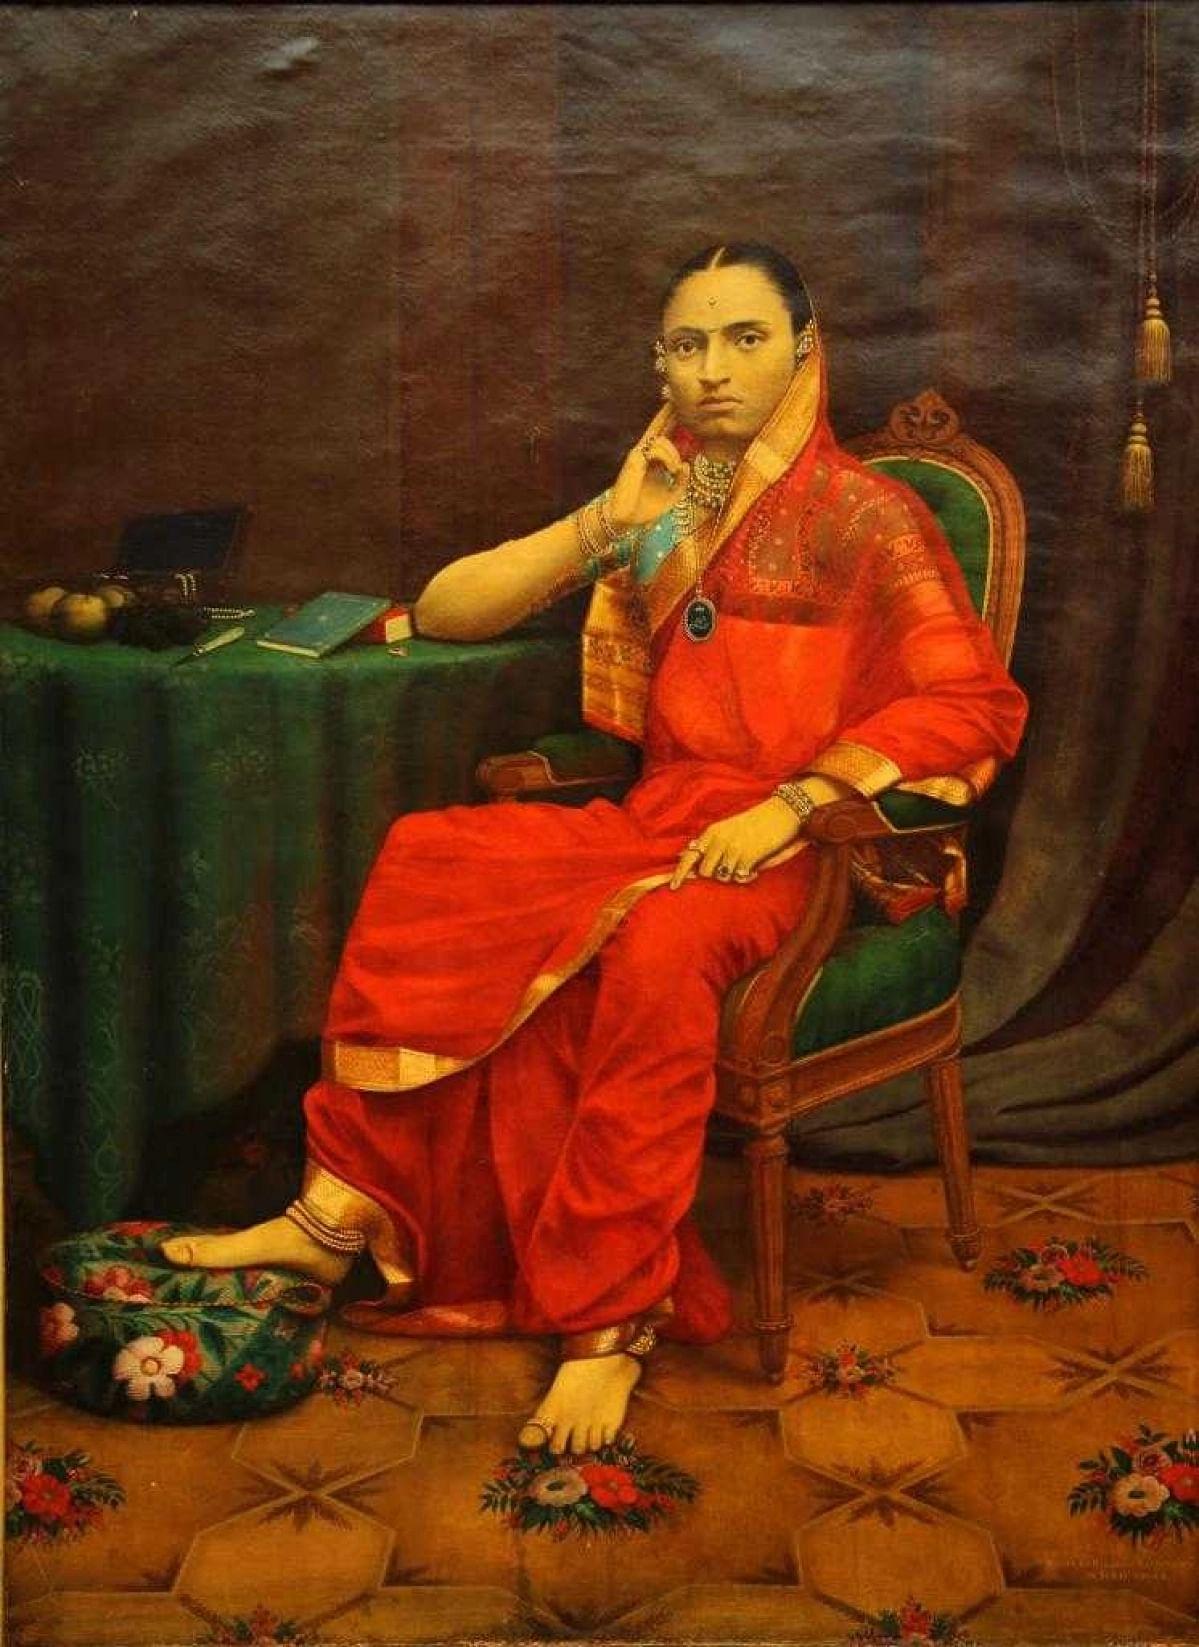 बड़ौदा की महारानी जमनाबाई का एक चित्र.